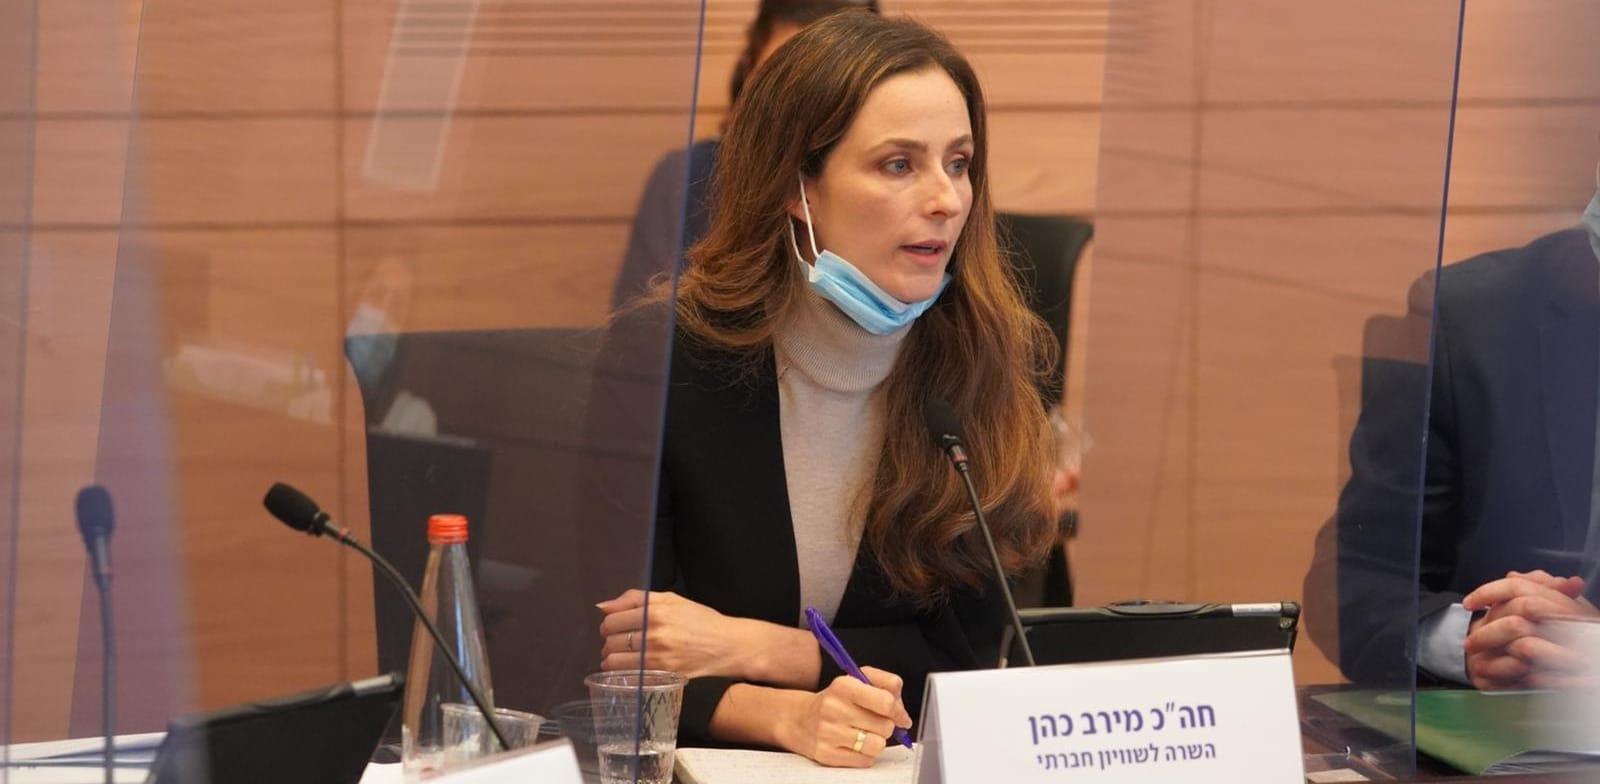 השרה לשוויון חברתי מירב כהן / צילום: דוברות הכנסת שמוליק גרוסמן